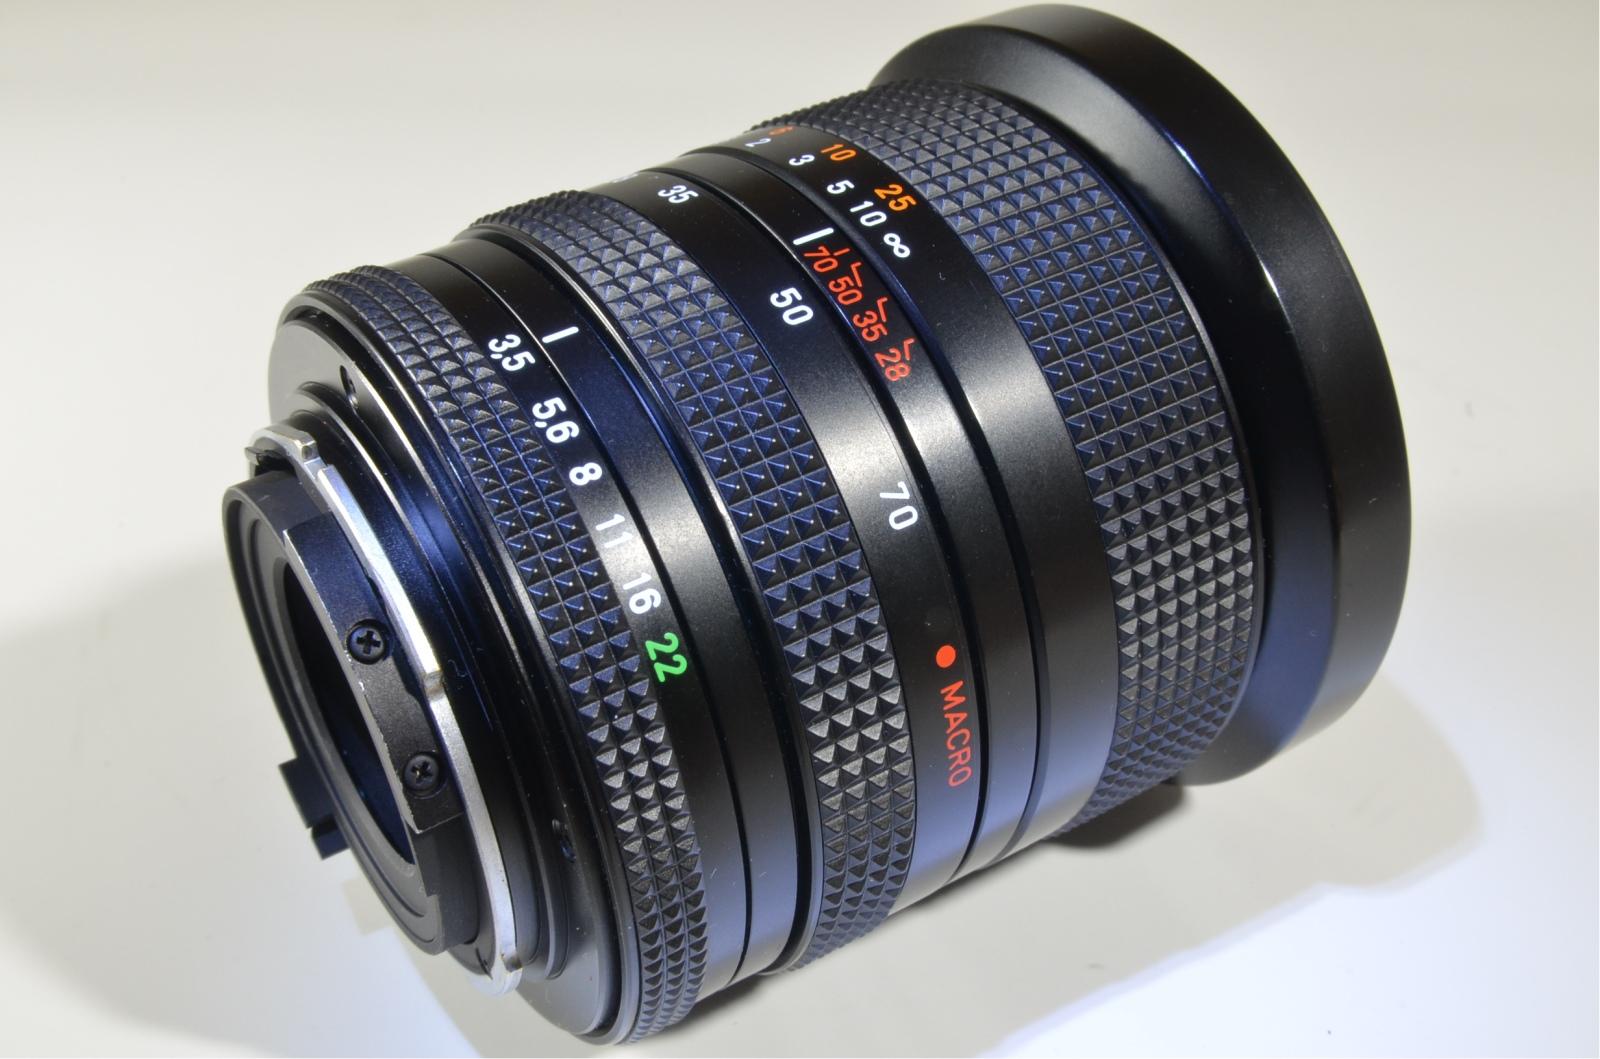 carl zeiss contax vario sonnar t* 28-70mm f/3.5-4.5 mmj